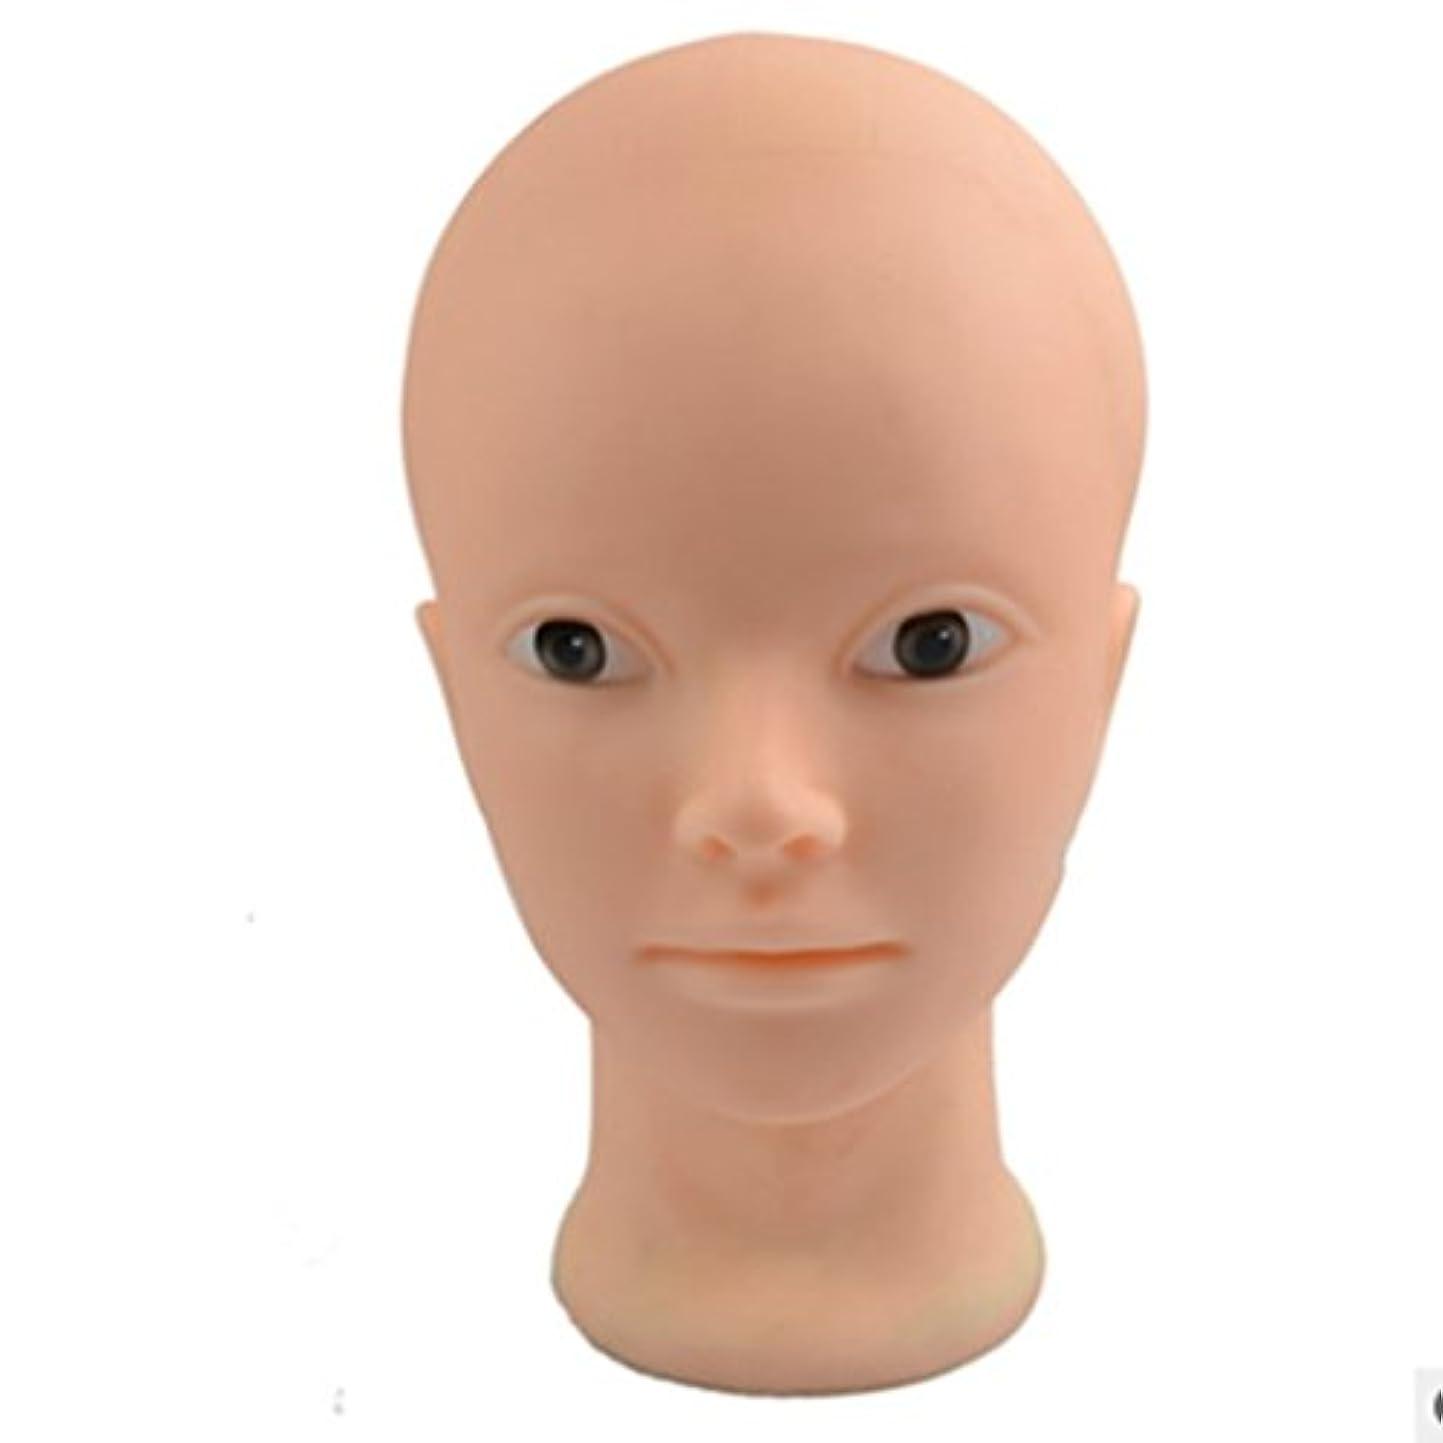 休憩インターネット成長25センチウィッグヘッド金型、ポリ塩化ビニールのプラスチック製の人形の鍼療法の練習はげとメガネスカーフモデルウィッグヘッド モデリングツール (色 : ホワイト)